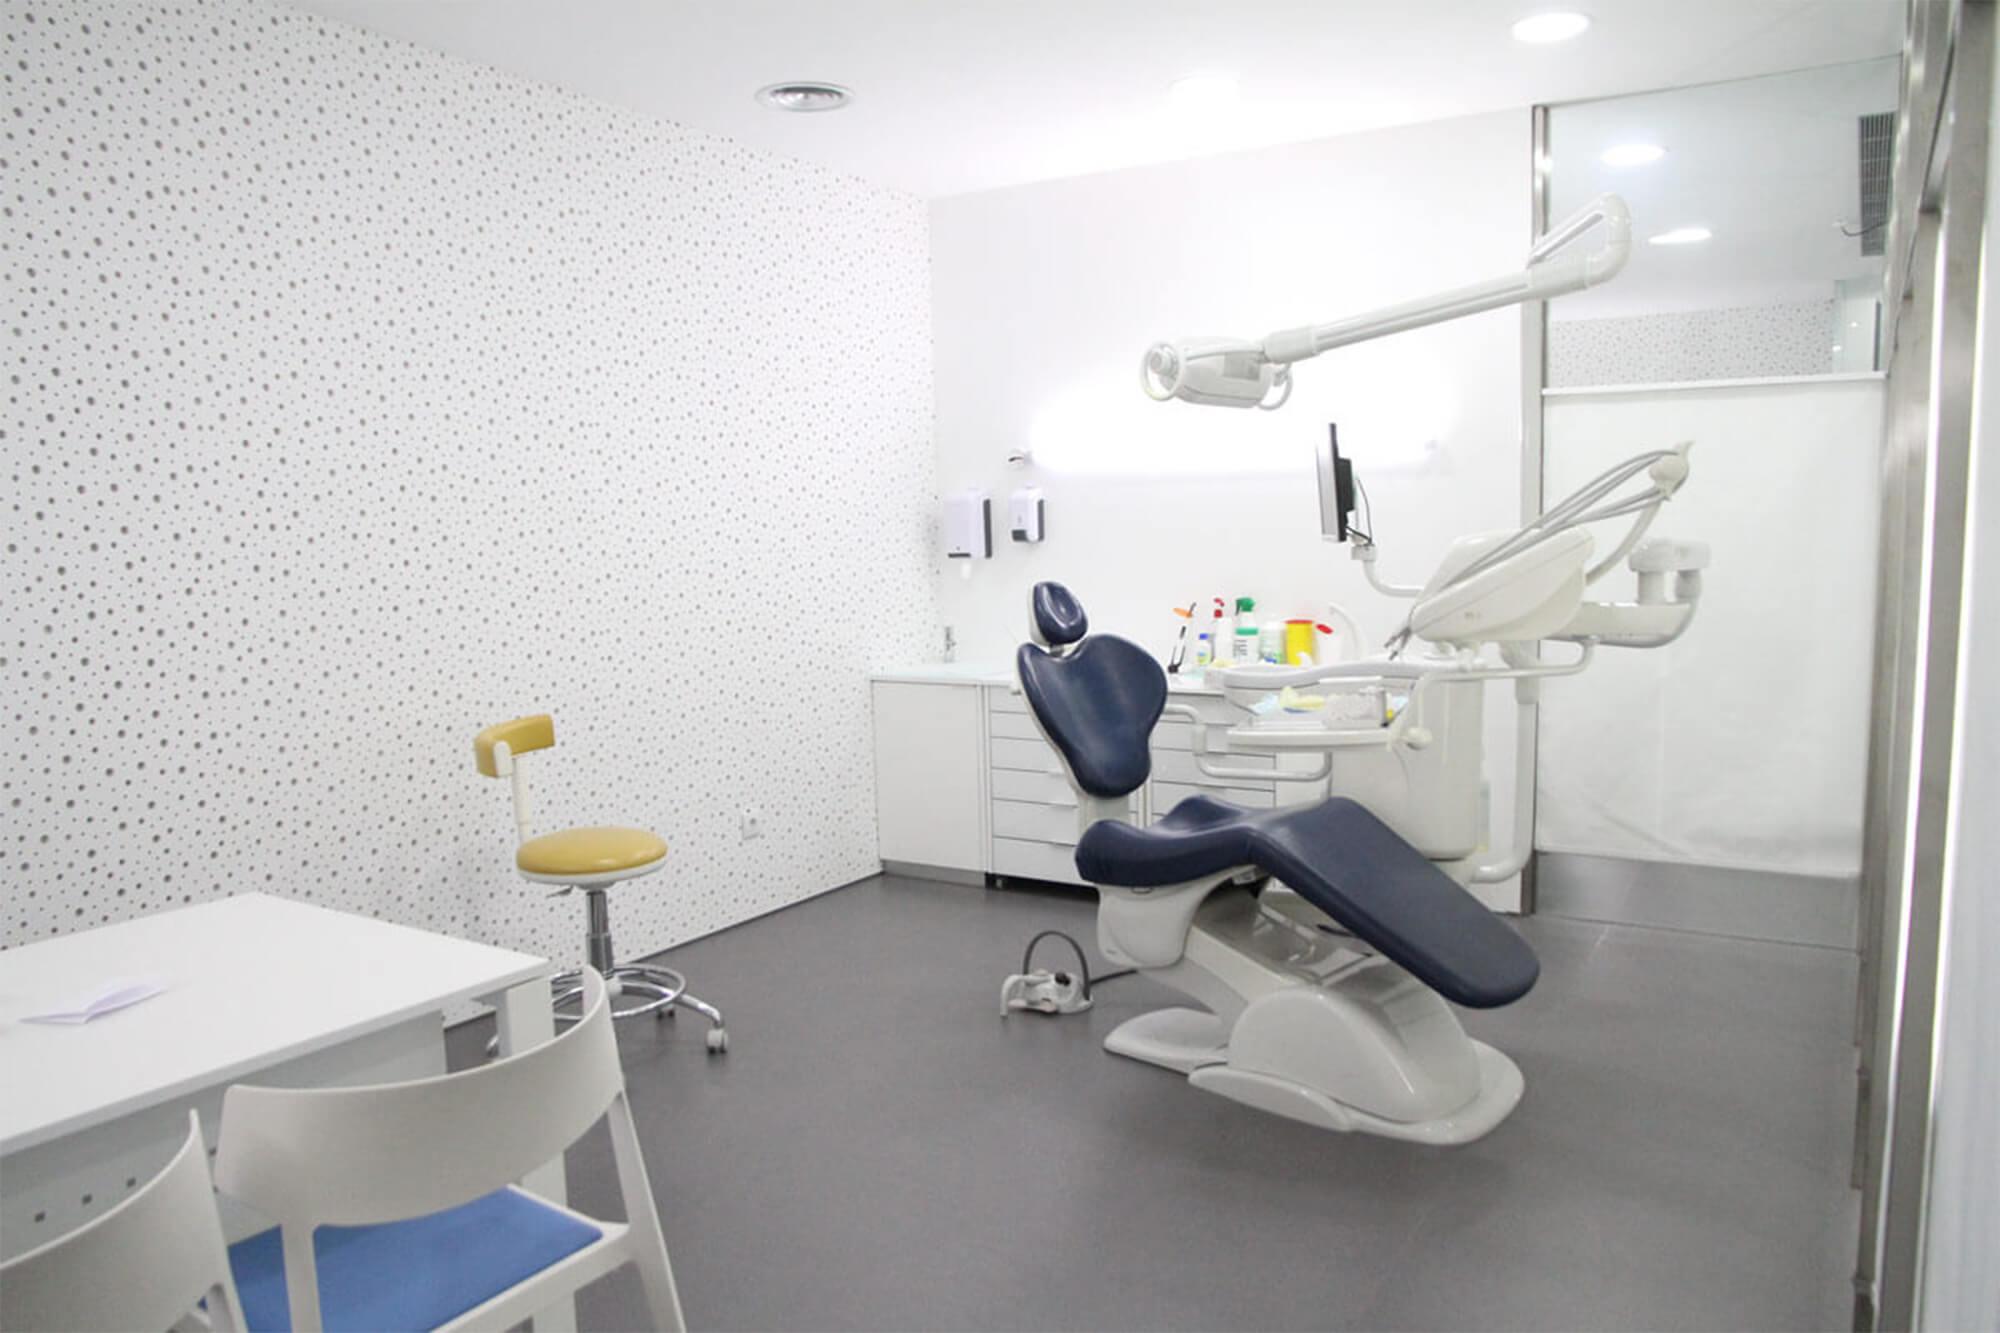 clinica-canidelo-orto-m-22